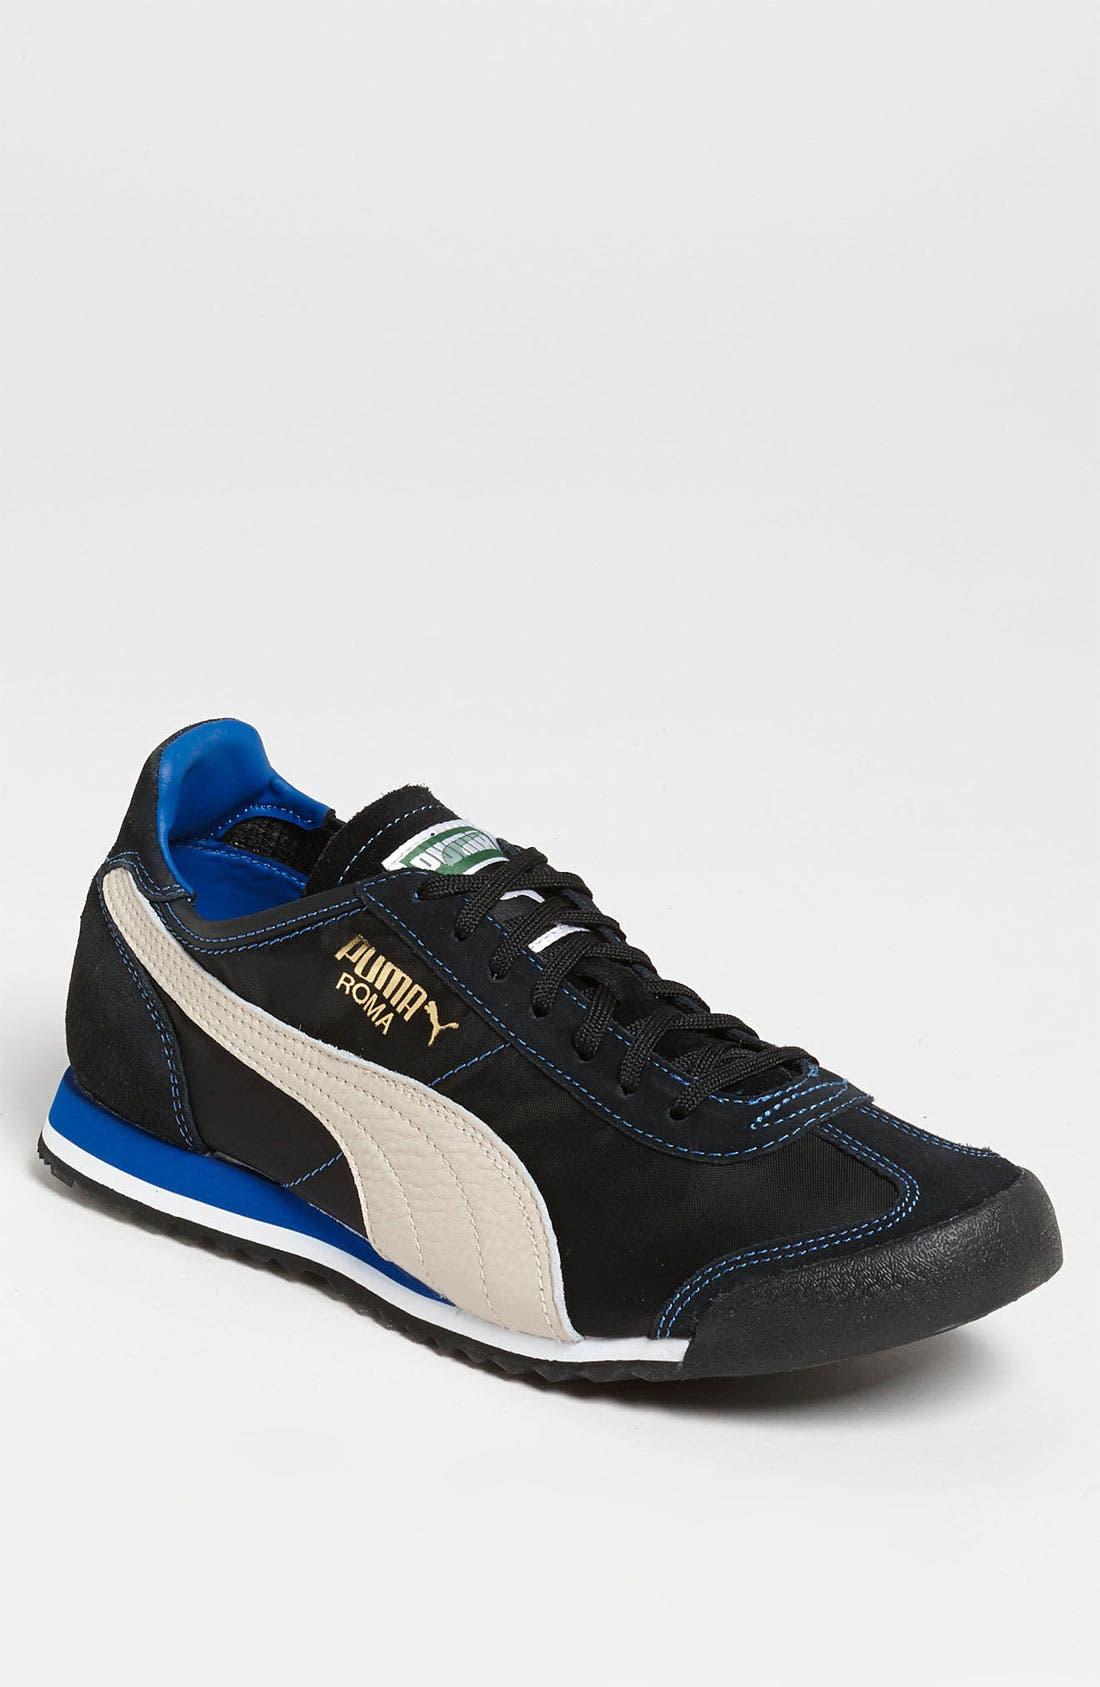 Alternate Image 1 Selected - PUMA 'Roma Slim' Sneaker (Men)